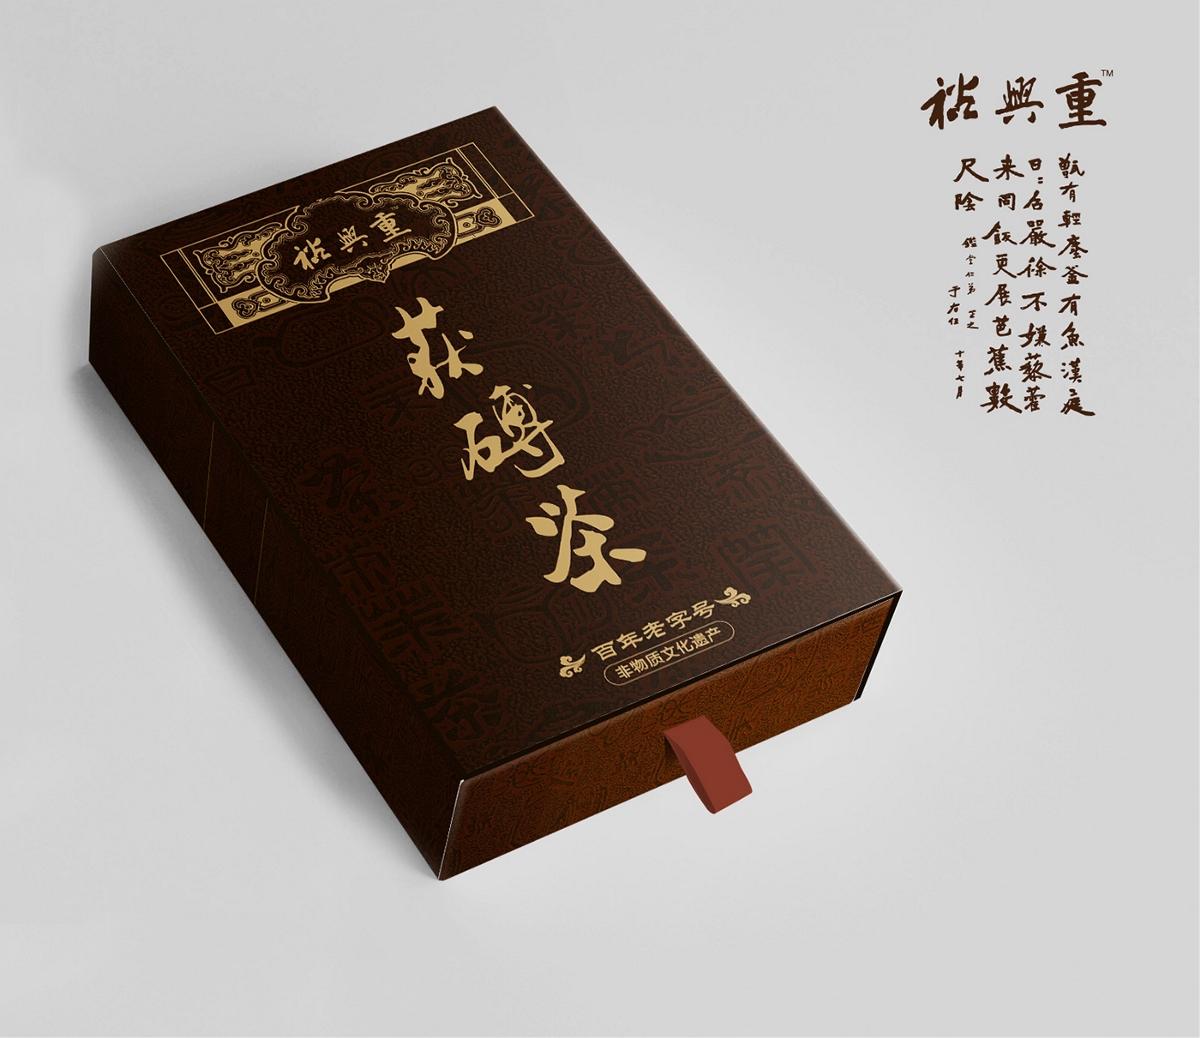 百年老品牌茯砖茶包装设计